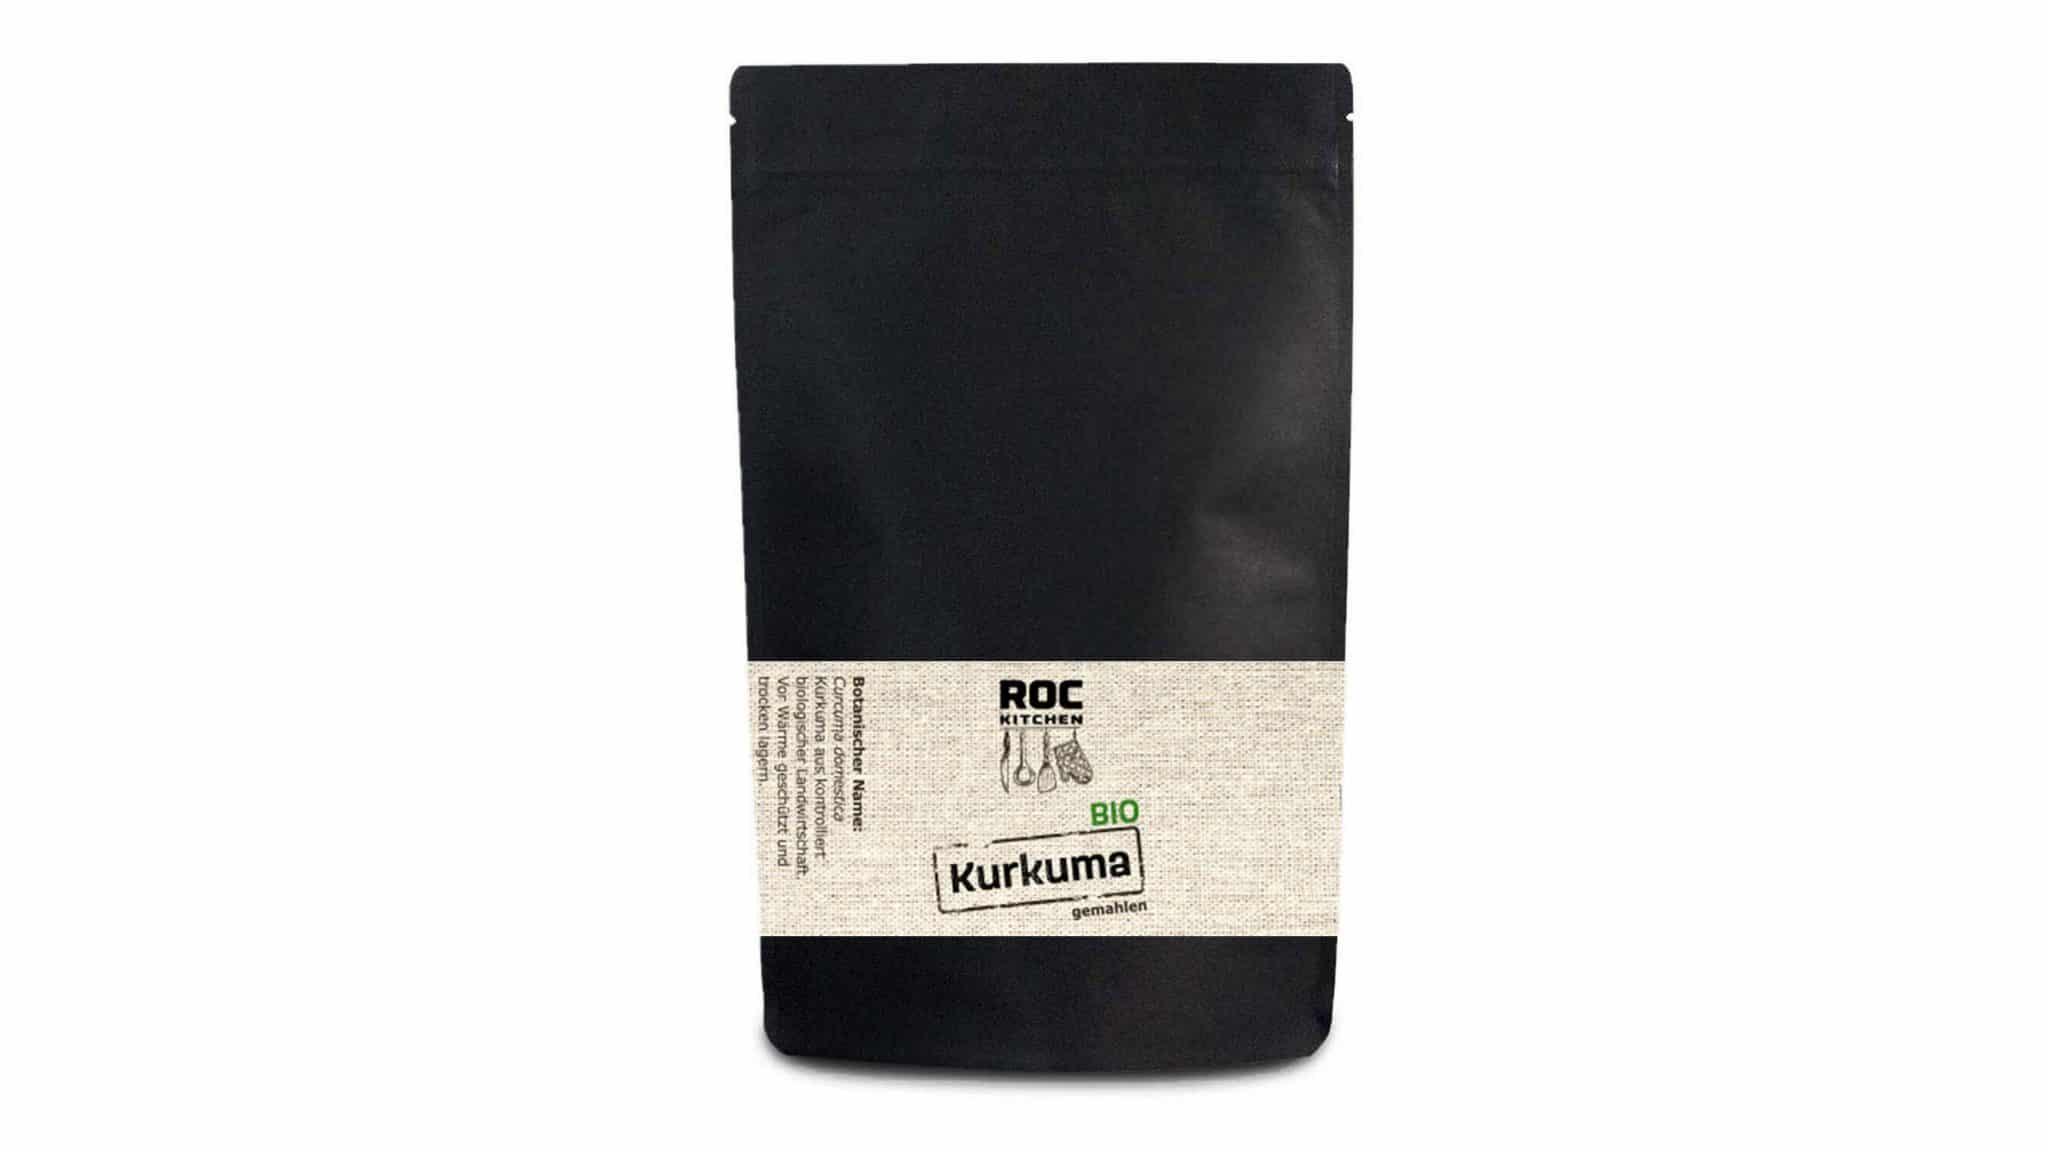 ROC-Kitchen Bio Kurkuma